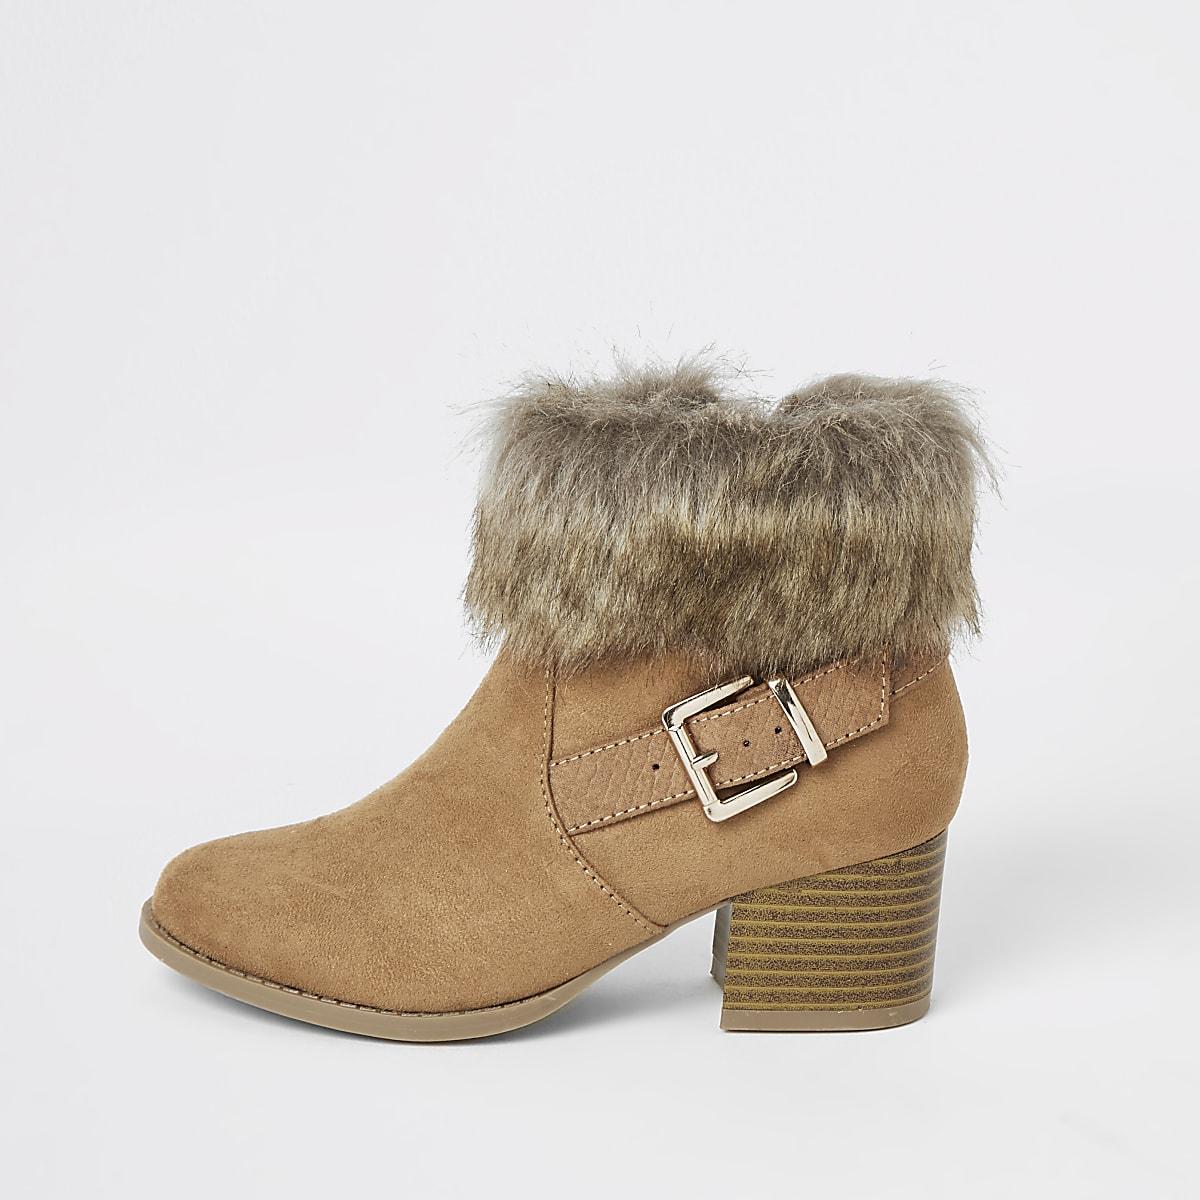 Bruine laarzen met hak, imitatiebont en gesp voor meisjes